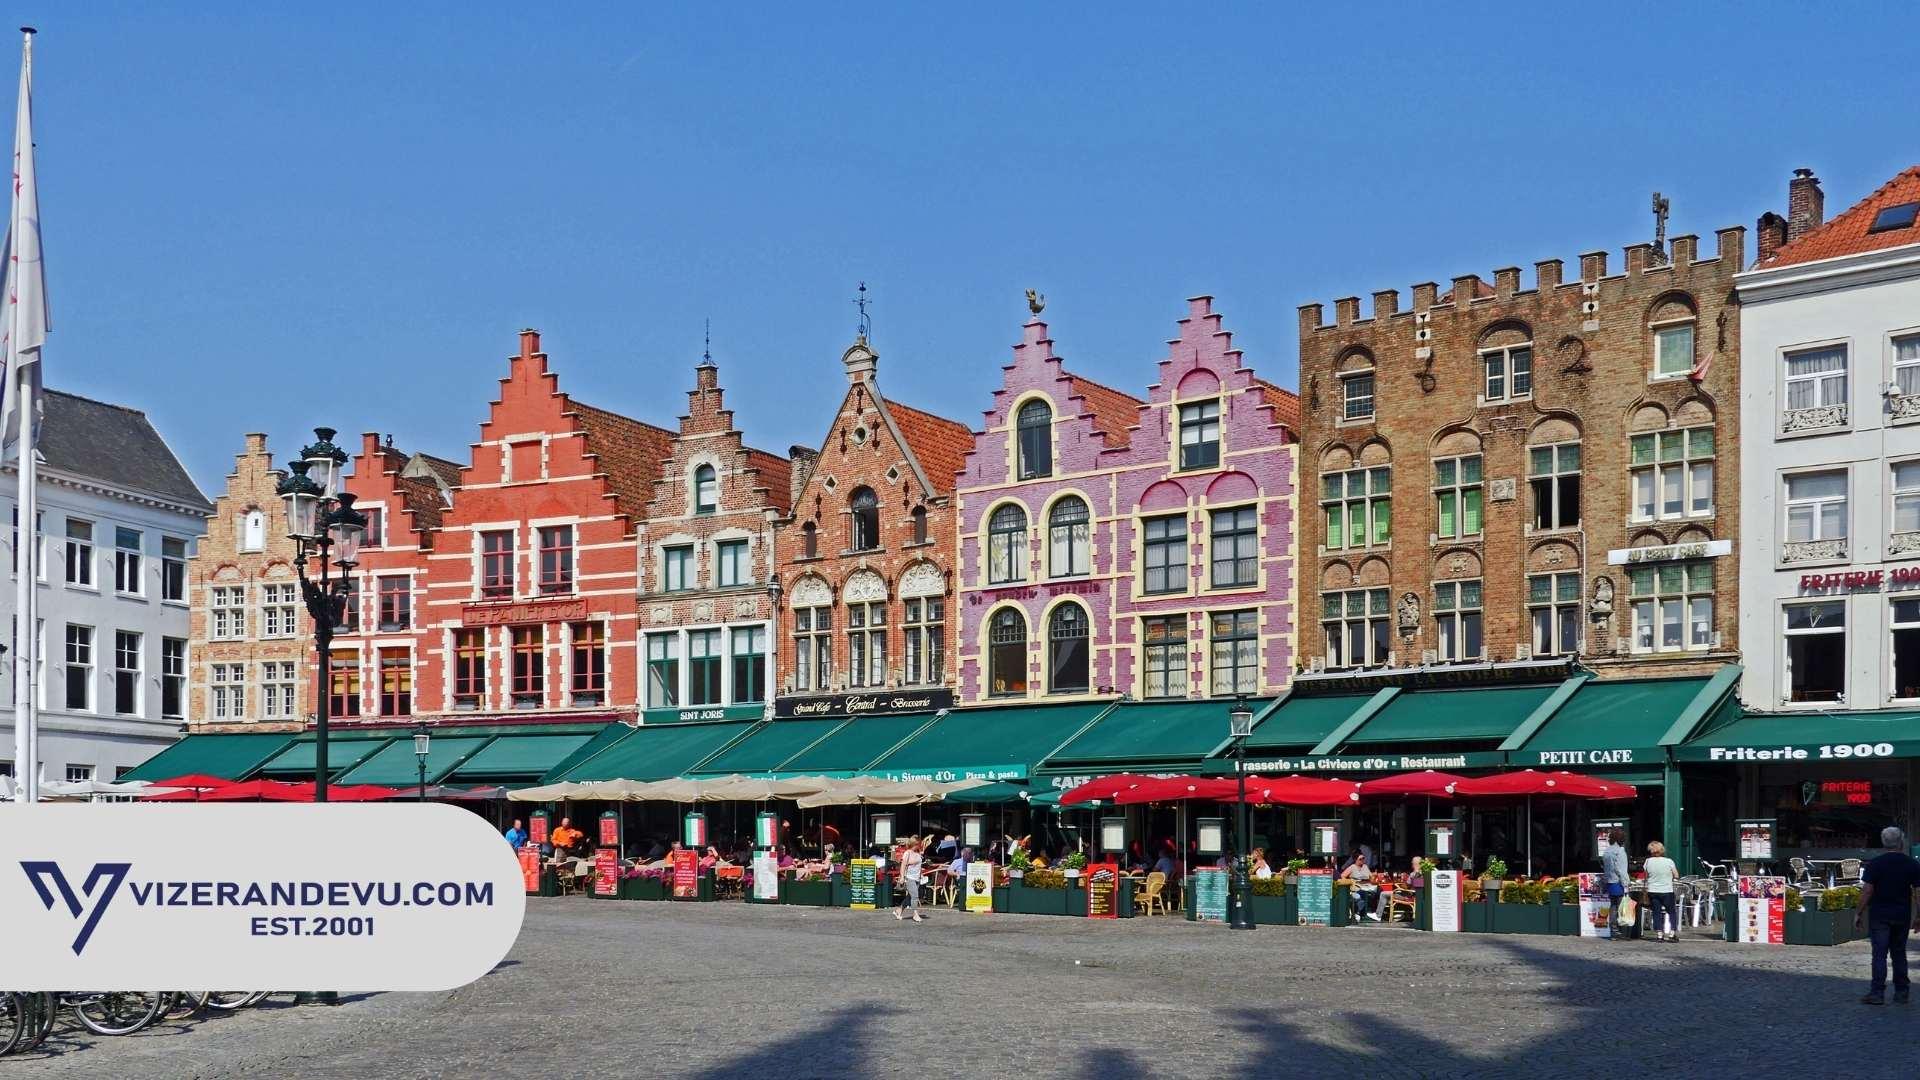 Belçika' ya Seyahat Etmek İçin Hangi Vize Alınmalı?